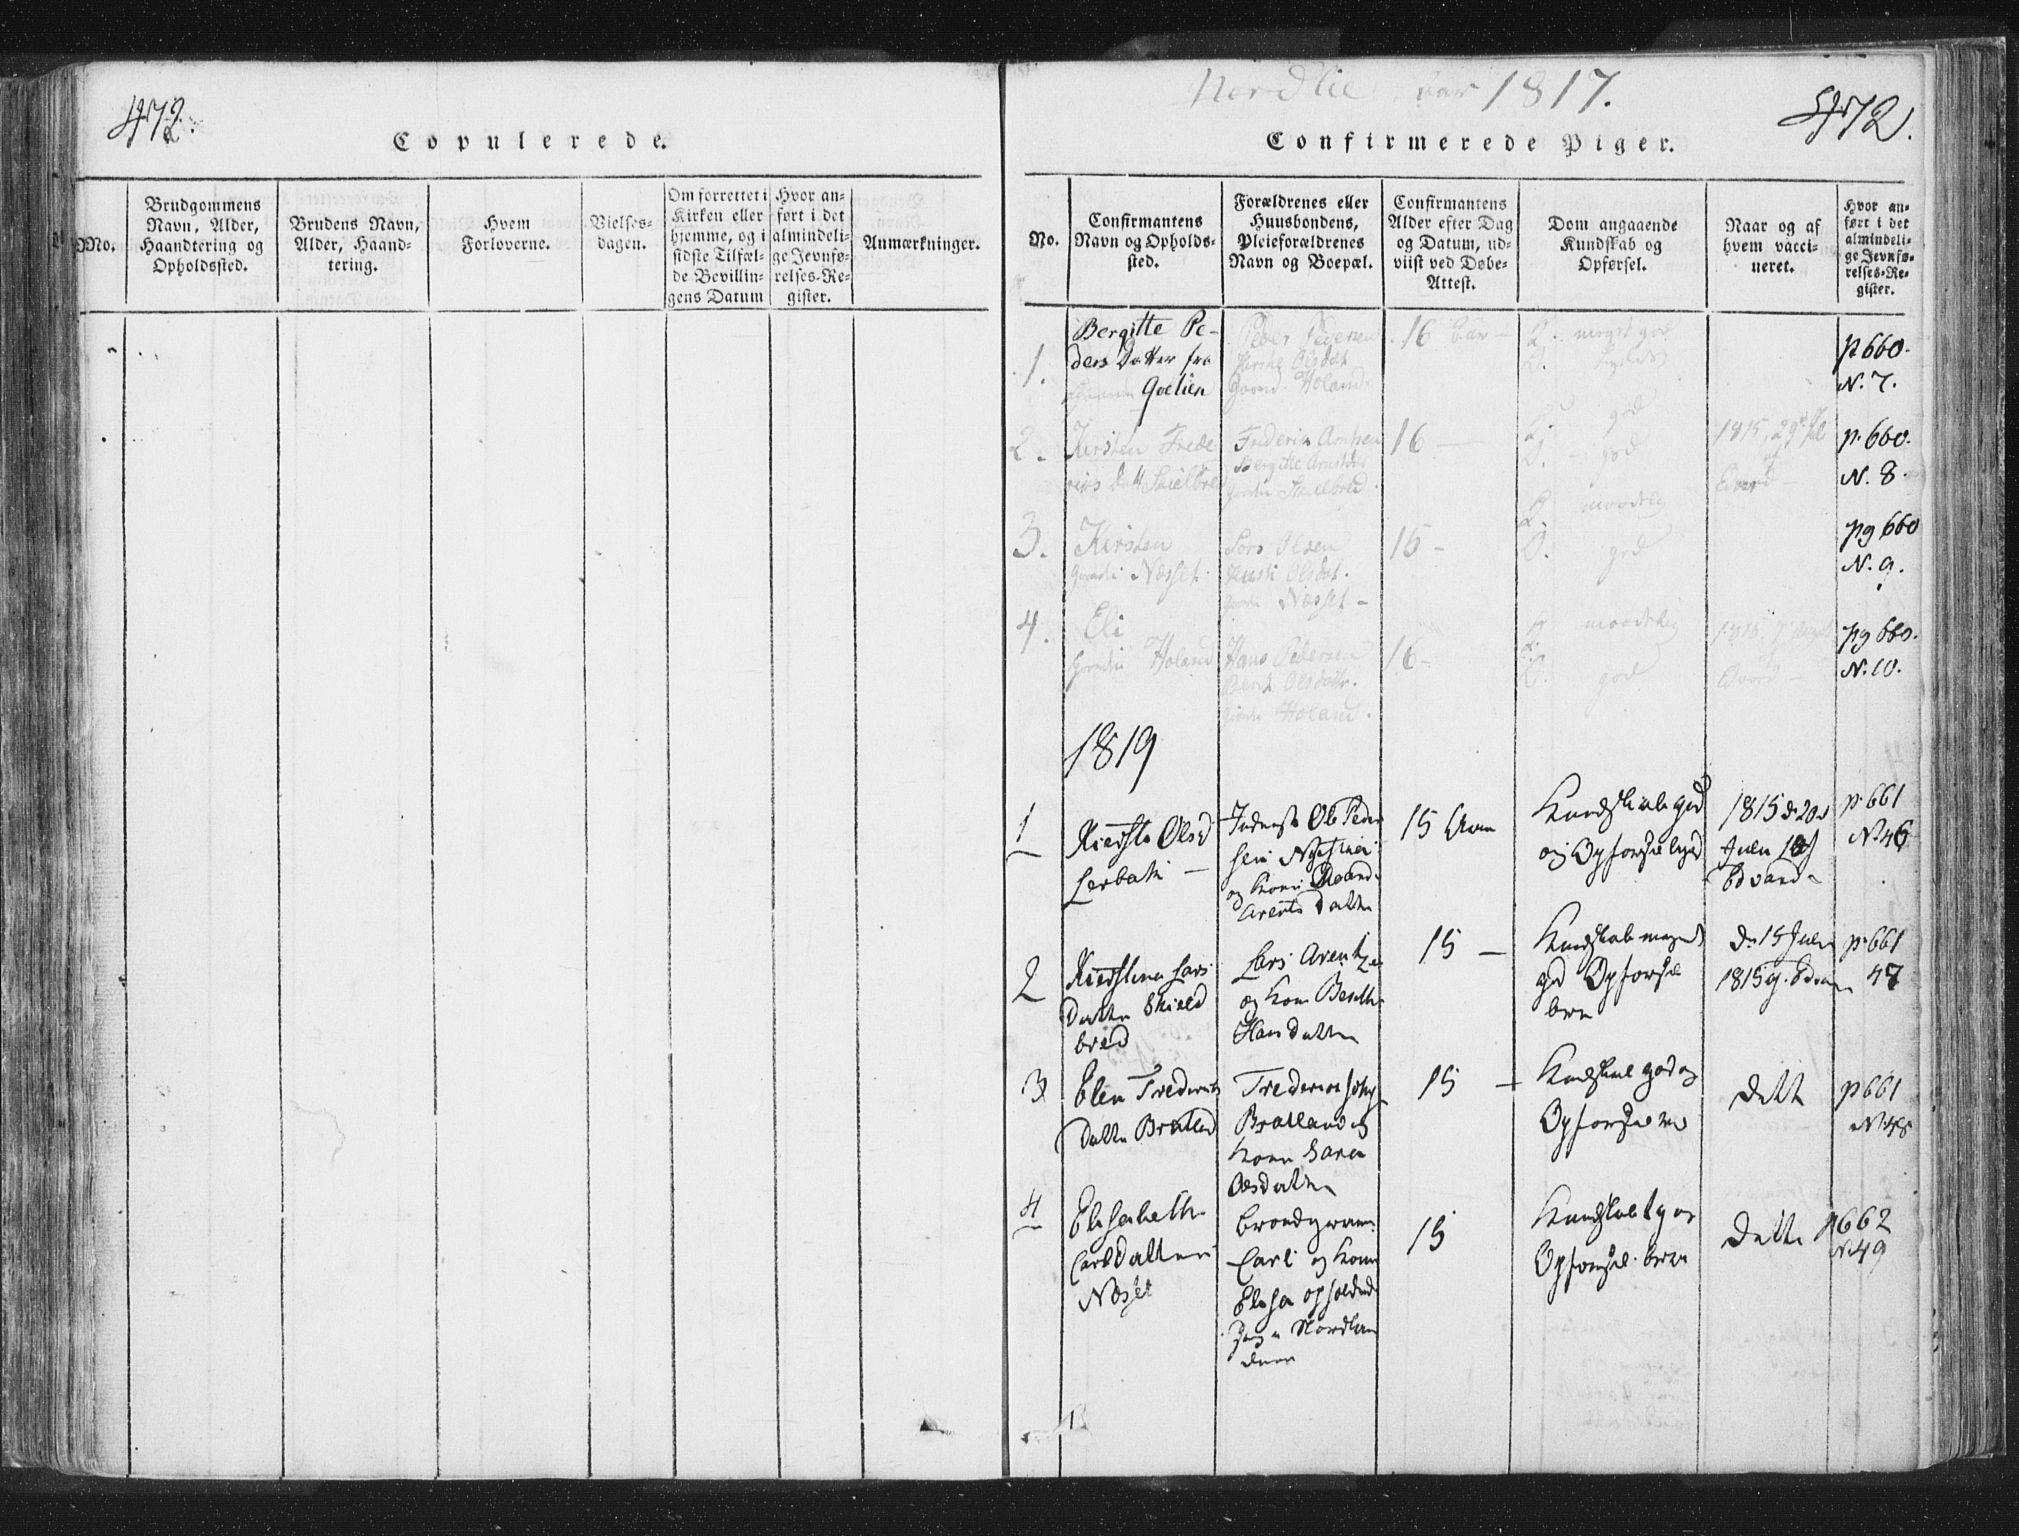 SAT, Ministerialprotokoller, klokkerbøker og fødselsregistre - Nord-Trøndelag, 755/L0491: Ministerialbok nr. 755A01 /1, 1817-1864, s. 471-472